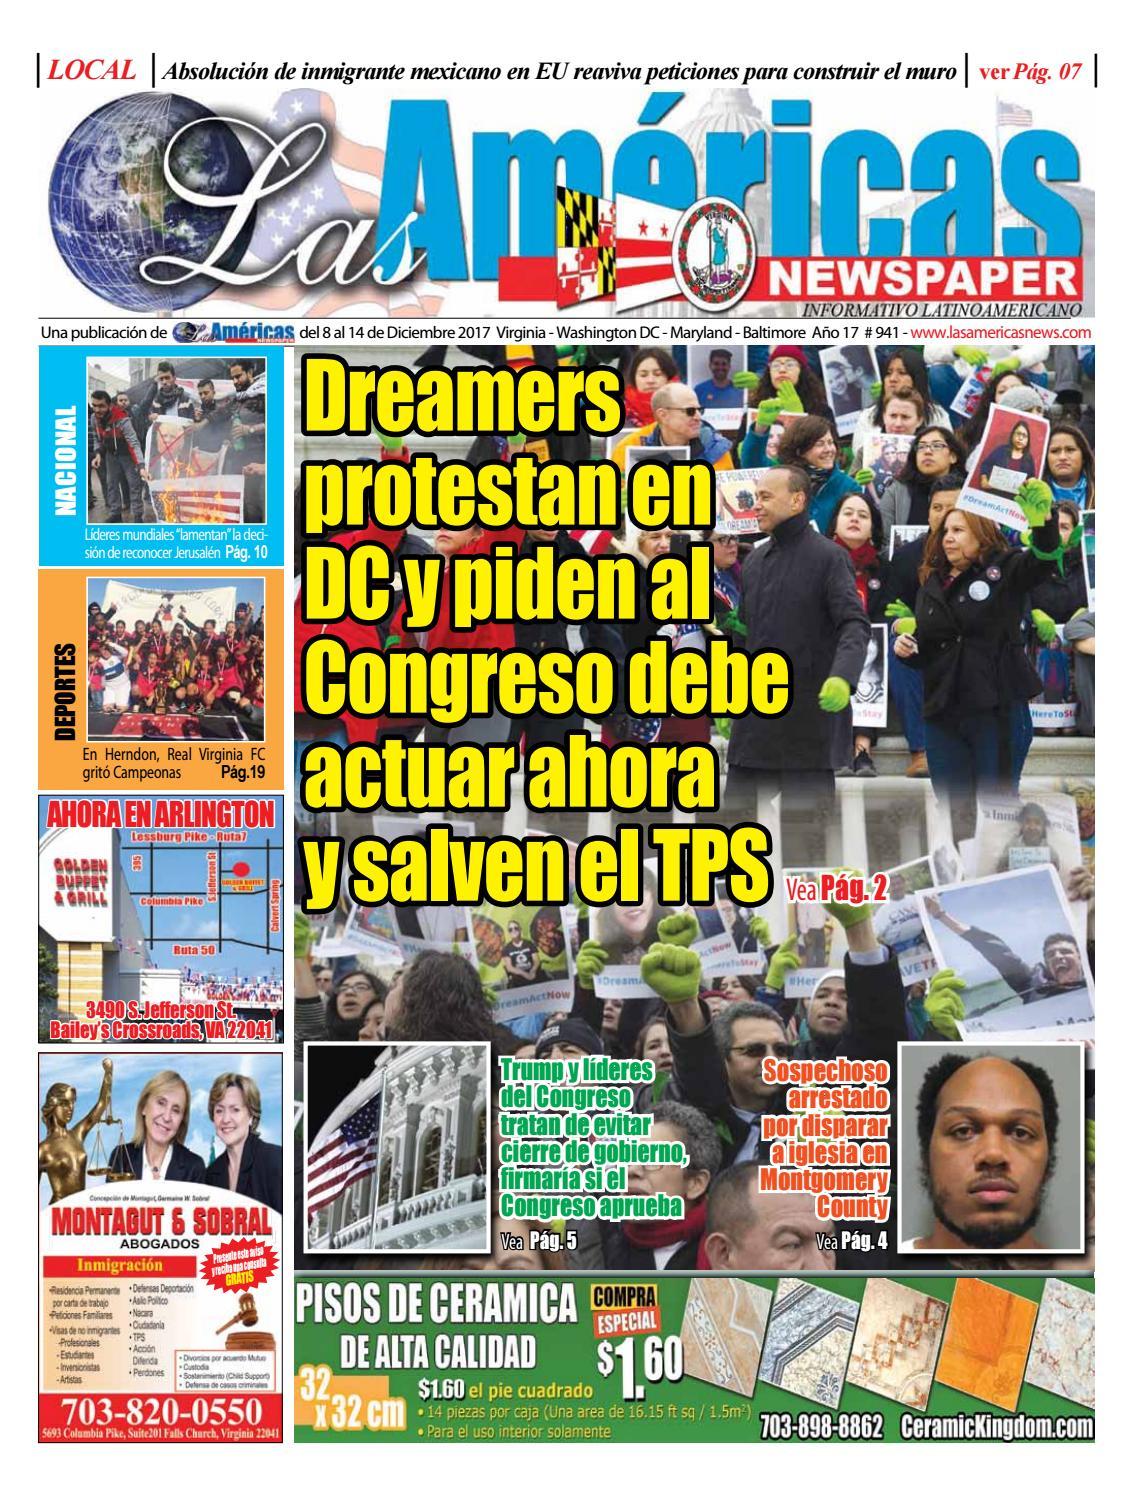 Dreamers protestan en Washington DC. y piden al Congreso justicia by Best  Printing & Design - issuu